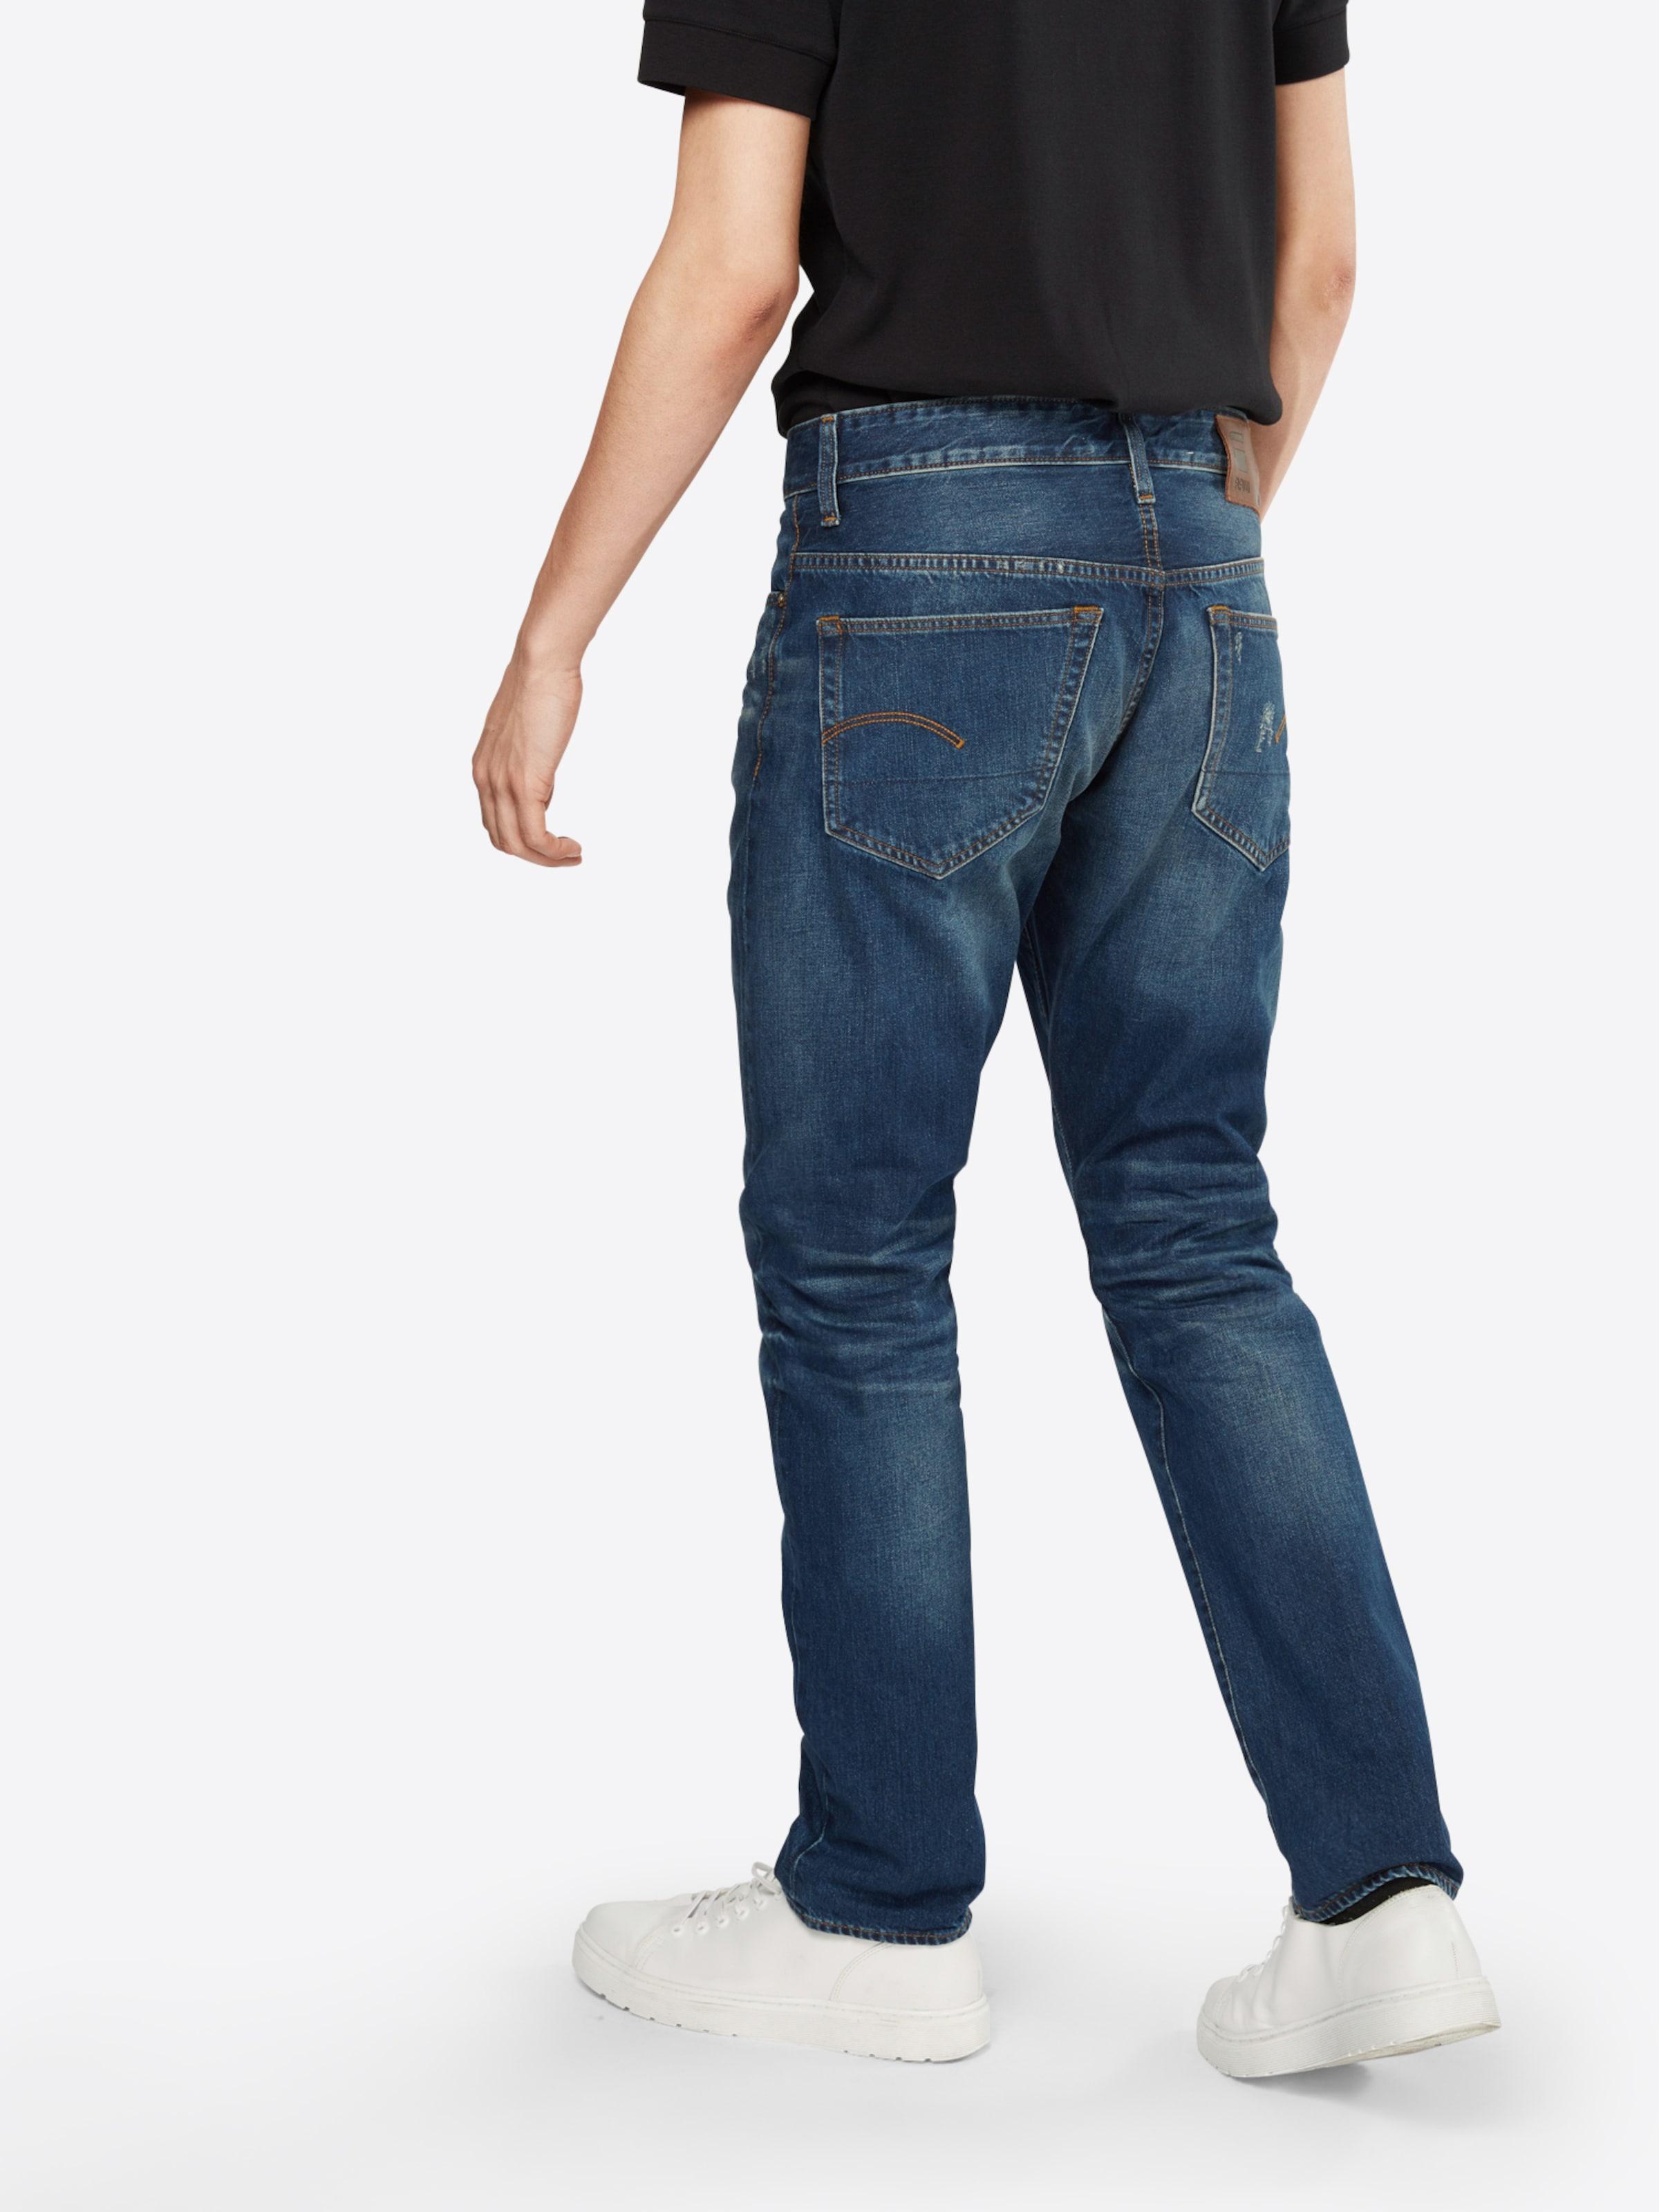 G-STAR RAW Jeans '3301 Tapered' Günstige Preise Billig Verkauf Schnelle Lieferung Große Überraschung Online 2018 Zum Verkauf Limitierte Auflage Online-Verkauf c5x38gIIK